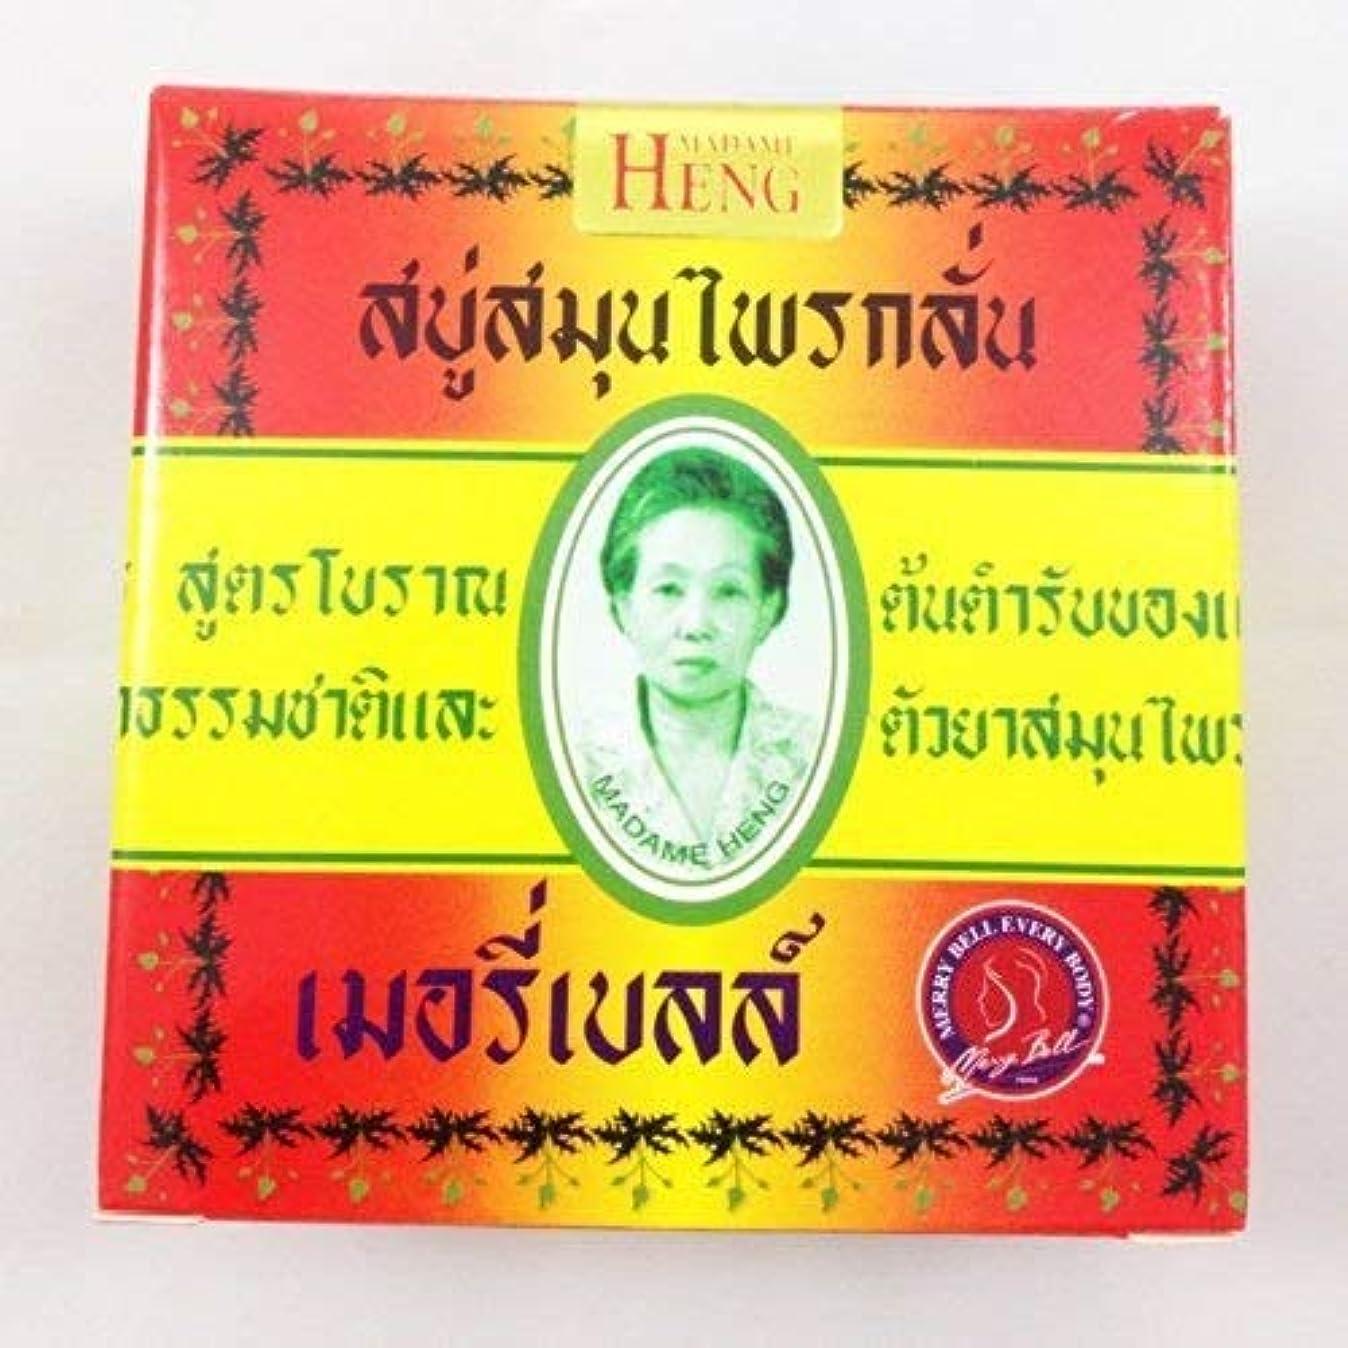 疲労打撃種をまくMadame Heng Thai Original Natural Herbal Soap Bar Made in Thailand 160gx2pcs by Ni Yom Thai shop